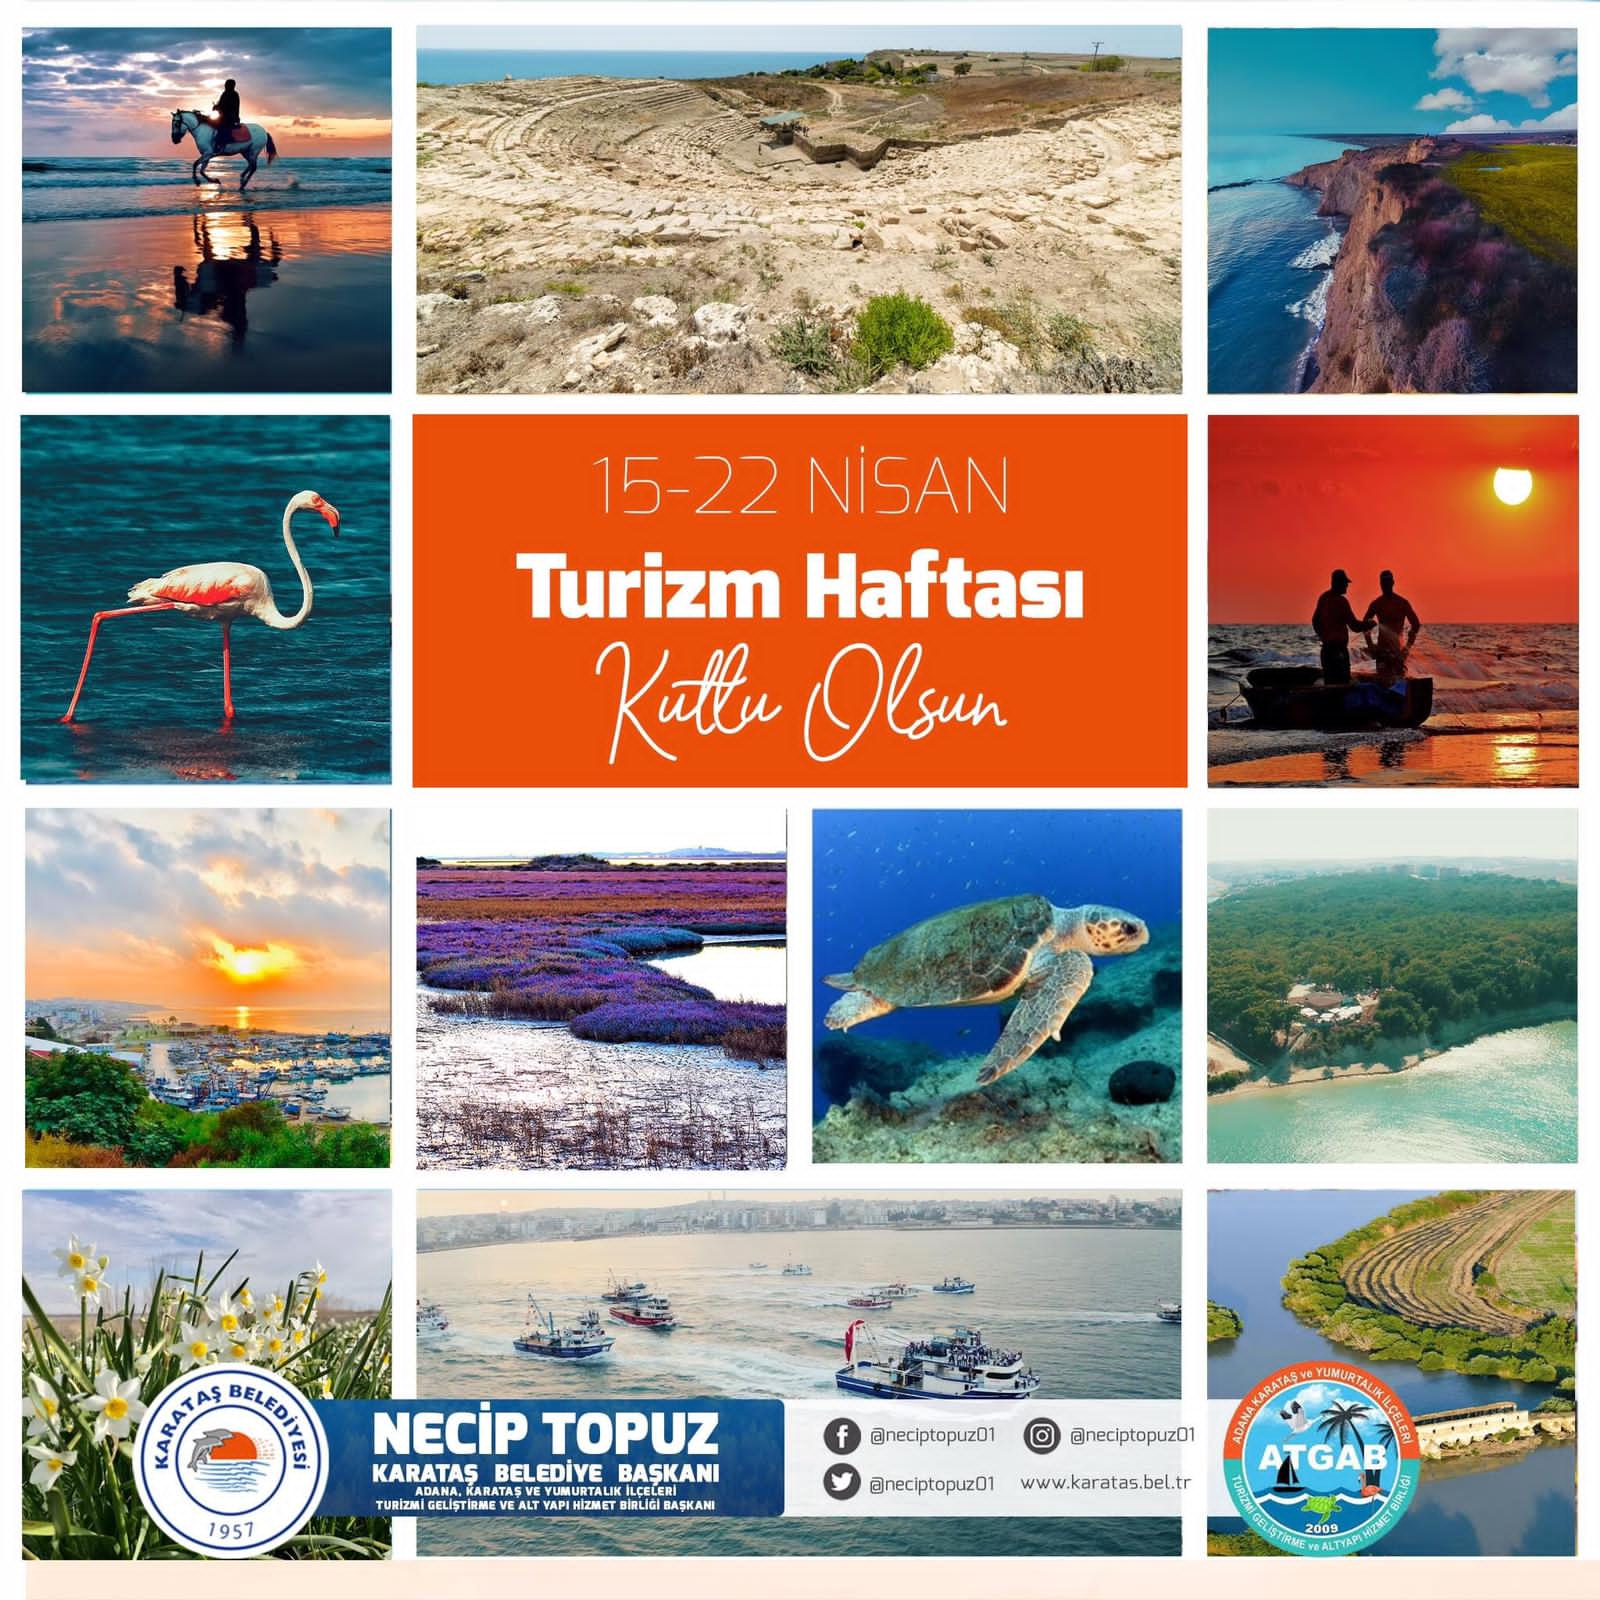 Turizm'in Kalbi Karataş'ta Atacak